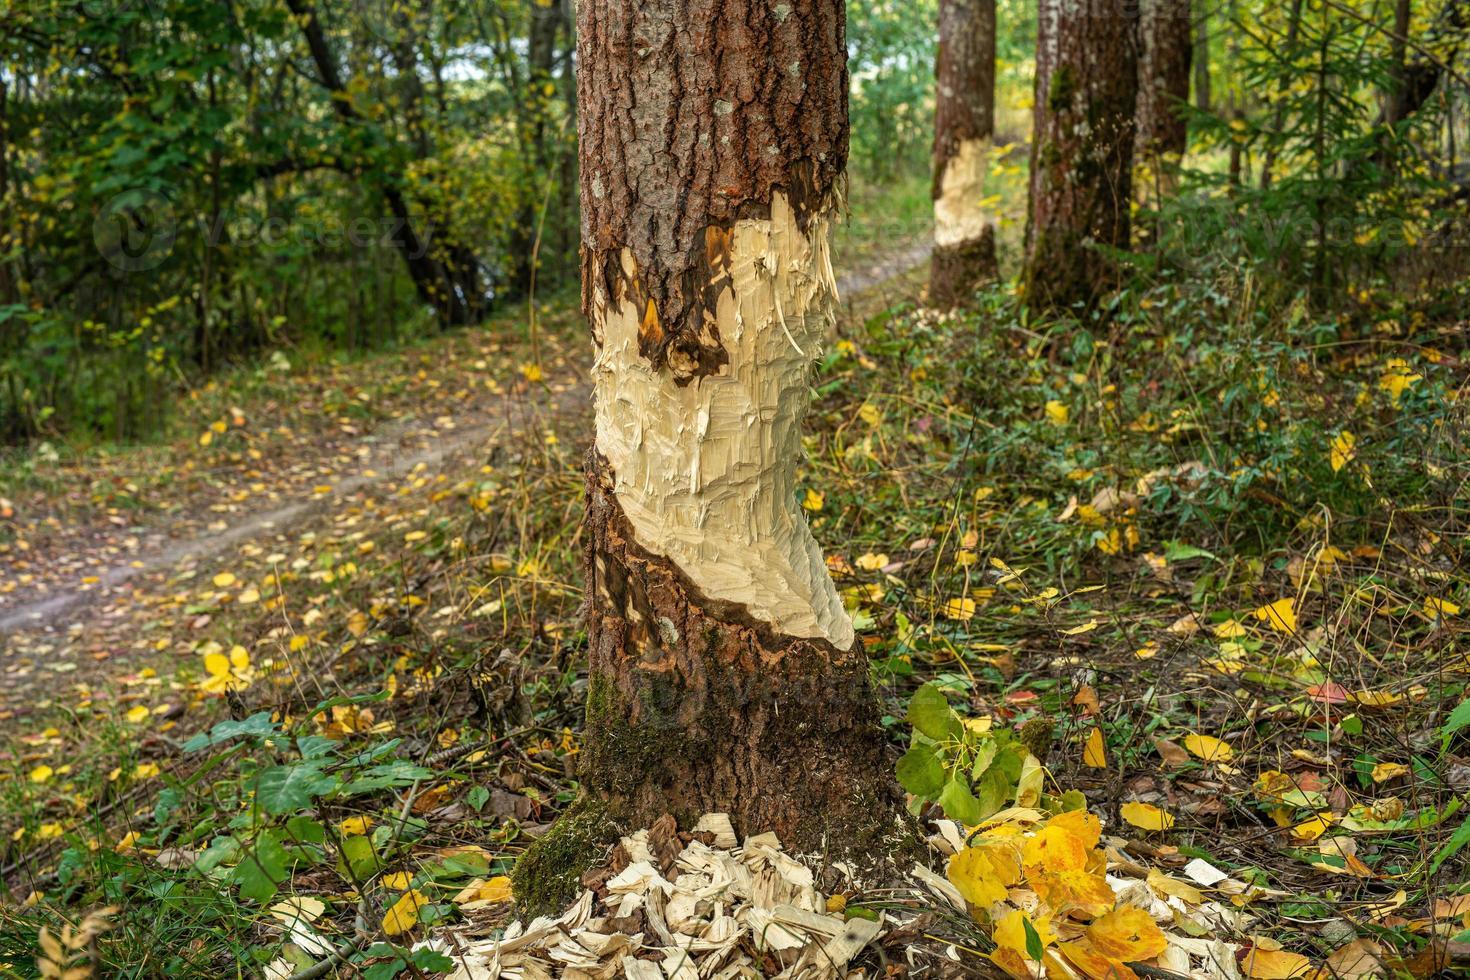 árvores danificadas por castores foto